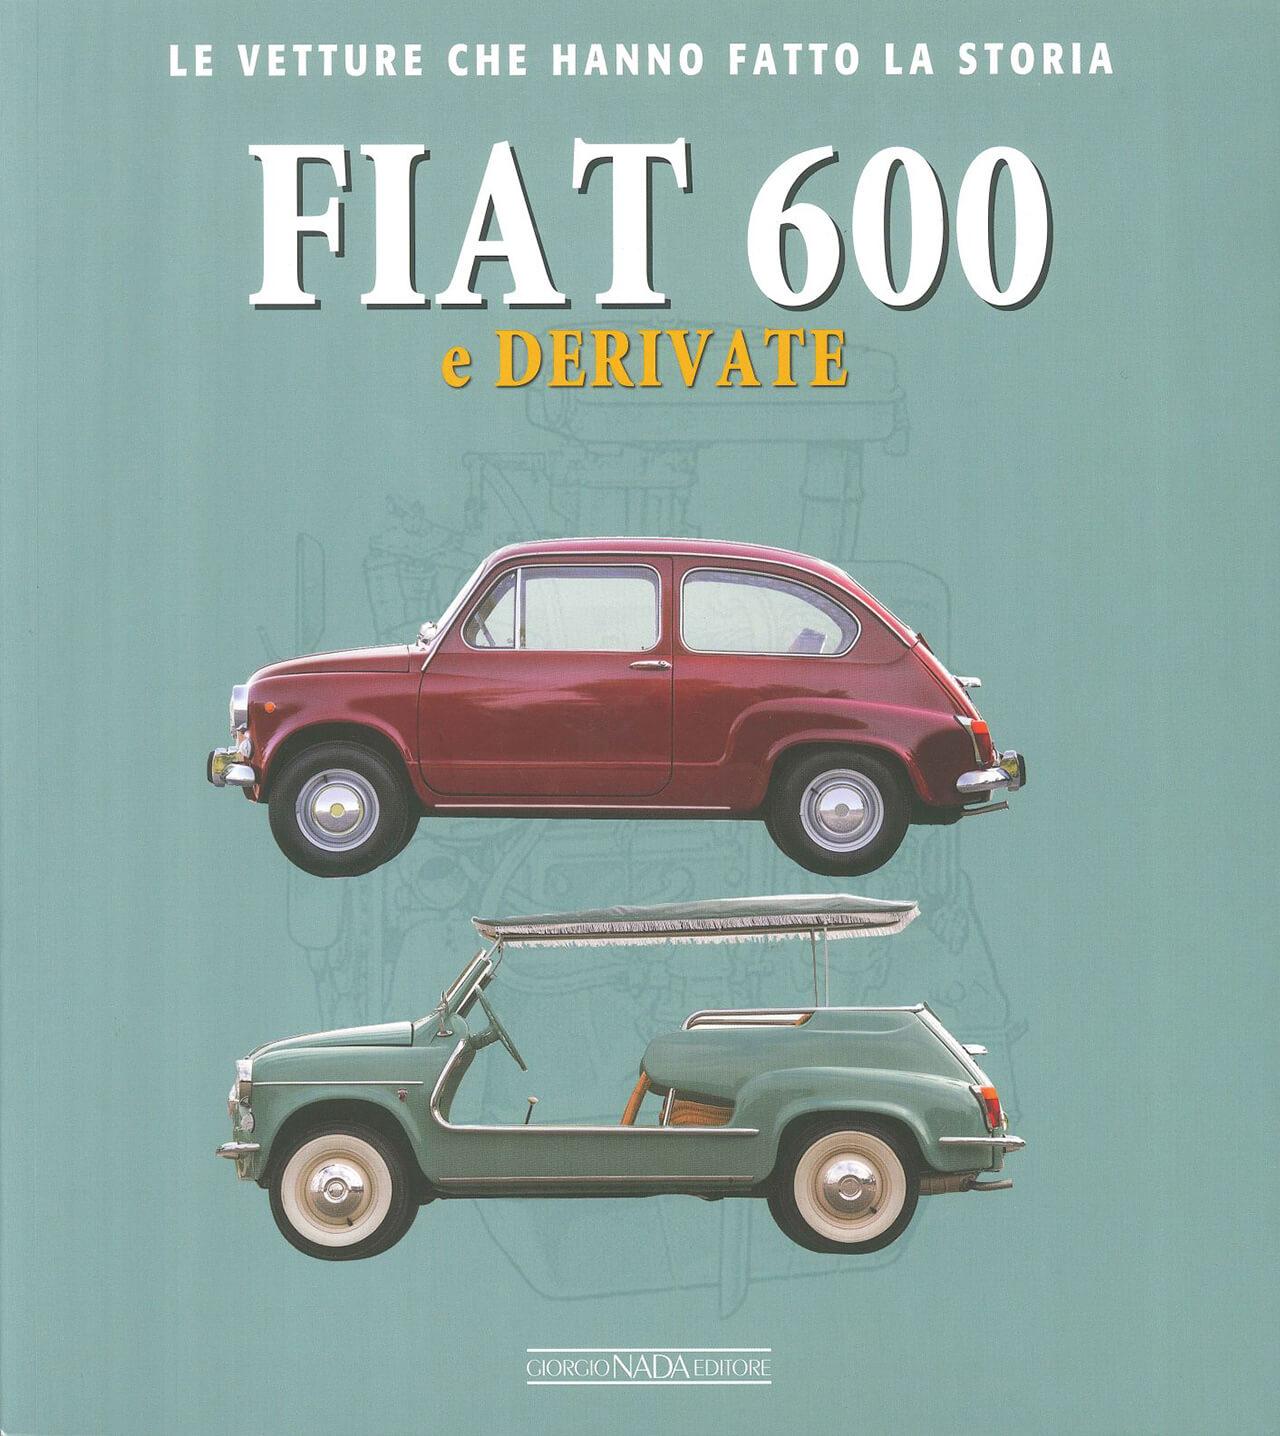 フィアット600シリーズ(セイチェント)の初期デザインからカスタムモデルまでセイチェントに特化した珍しい写真集【新書紹介】